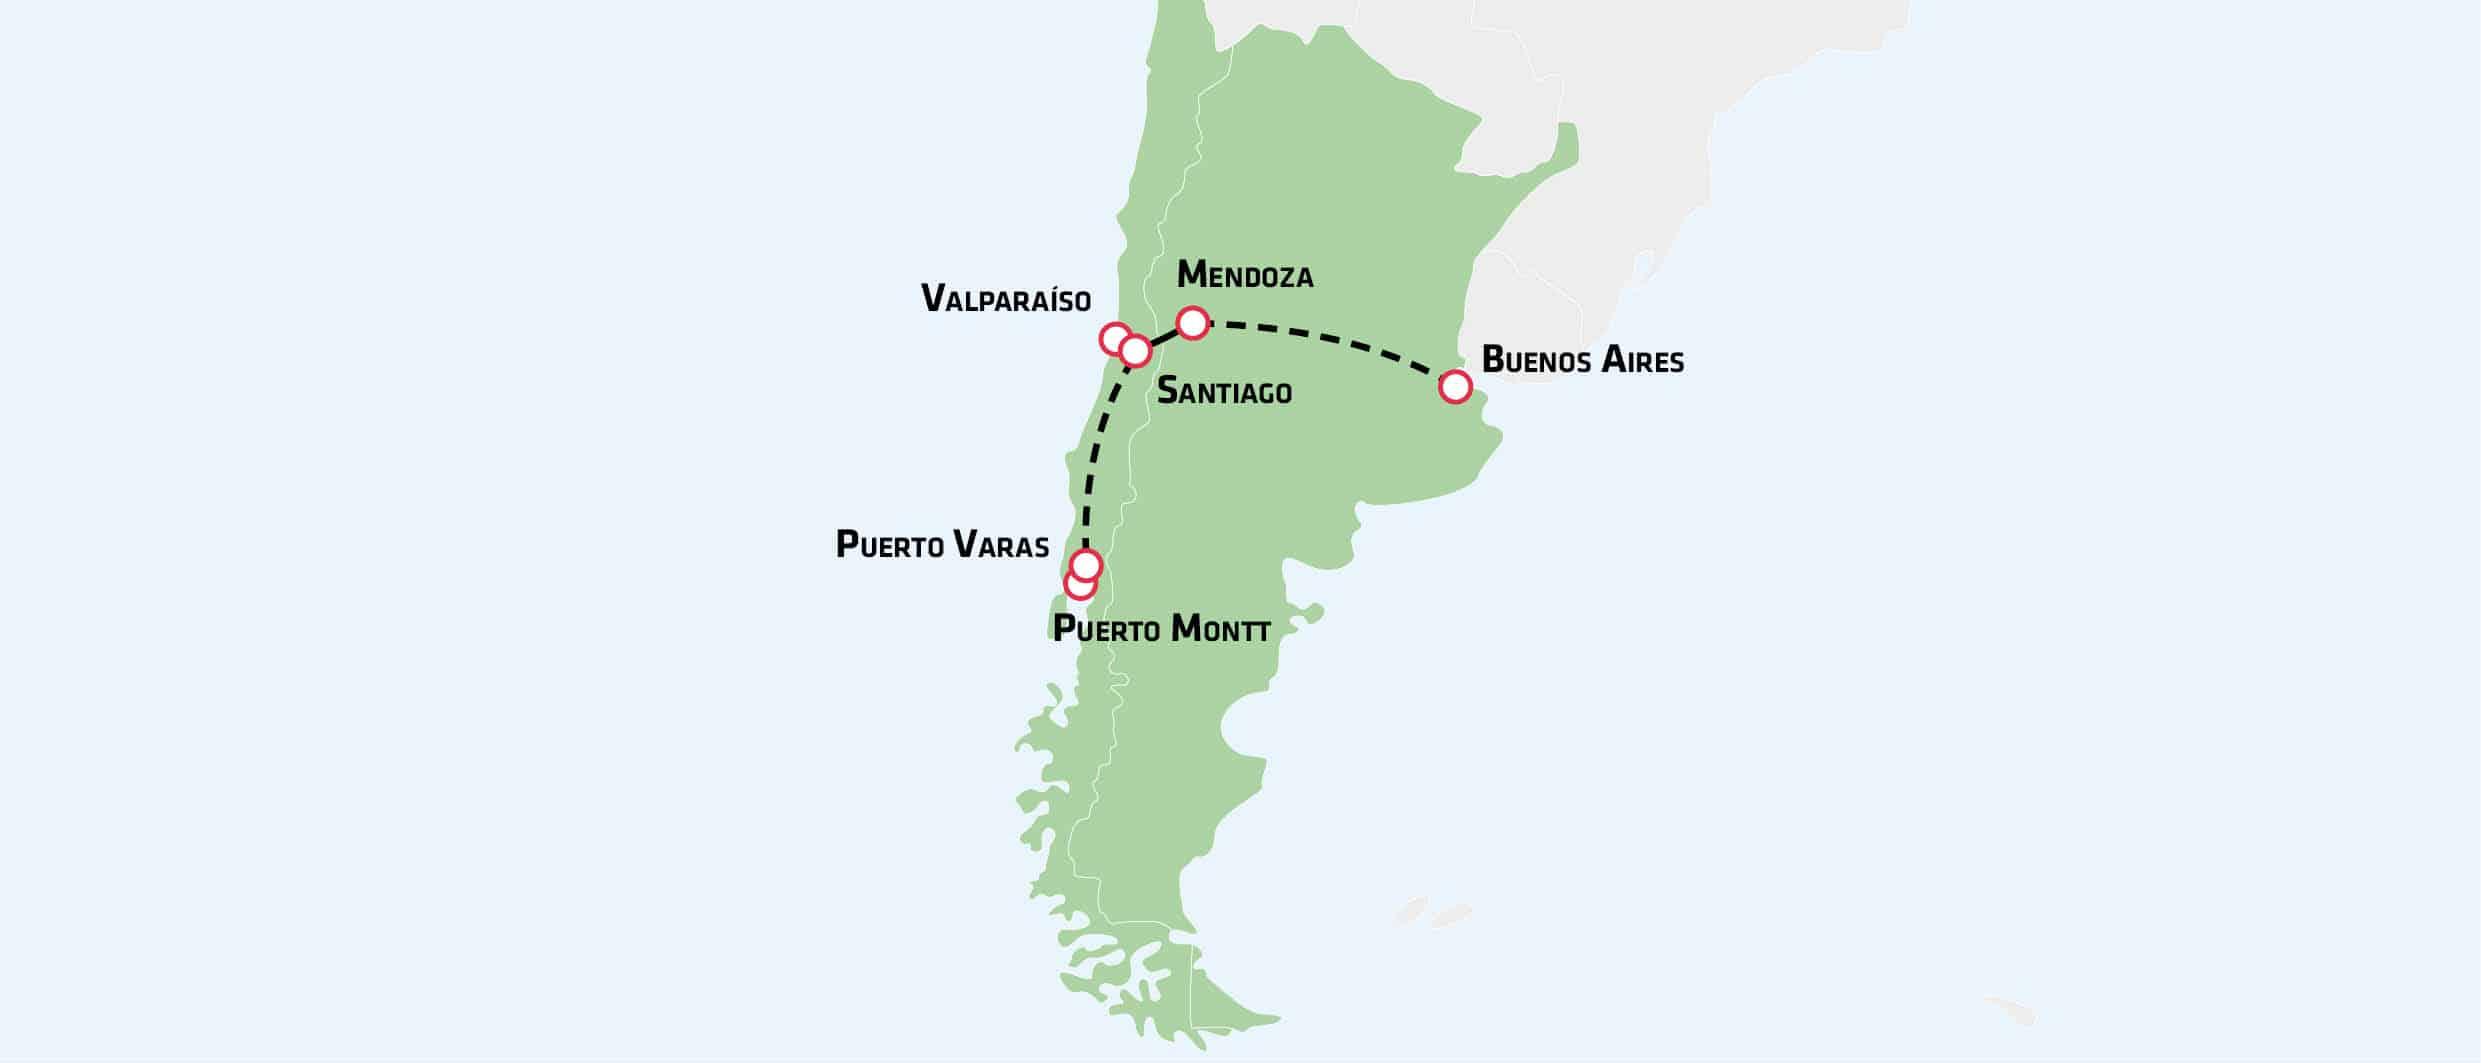 Oplev Argentina og Chile på en rundrejse med dansk rejseleder